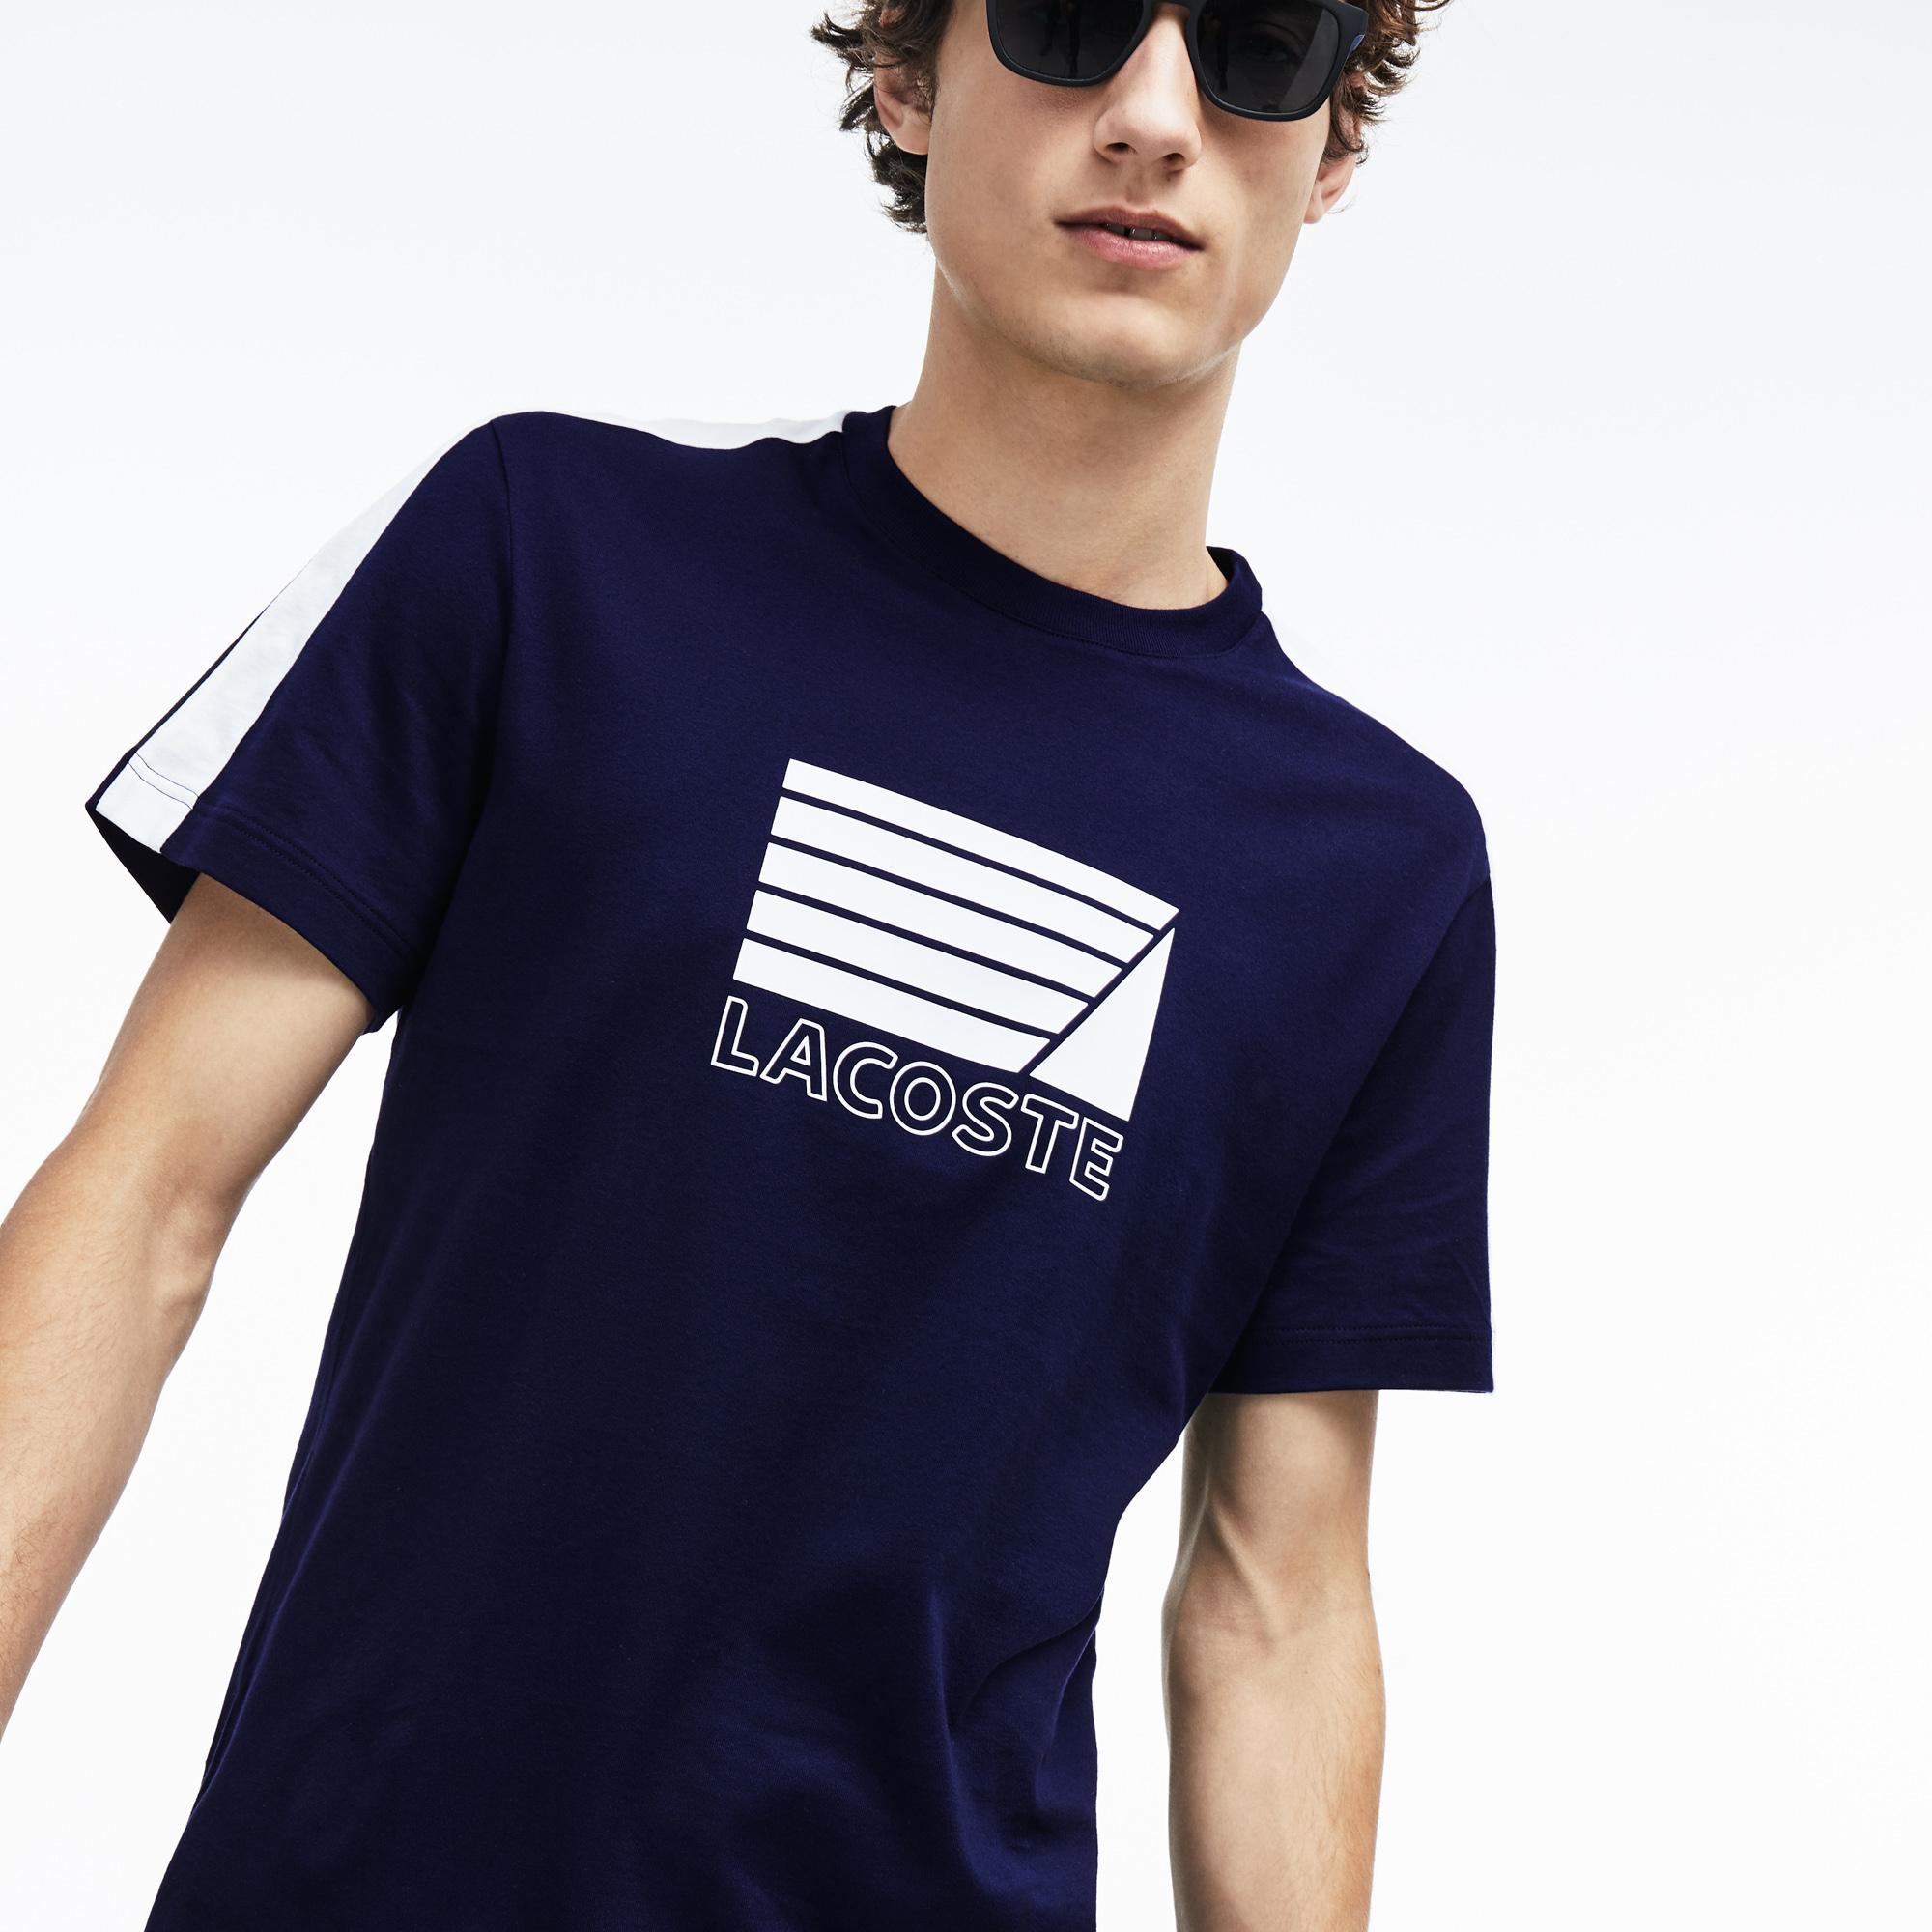 Lacoste футболка чоловіча з круглим вирізом